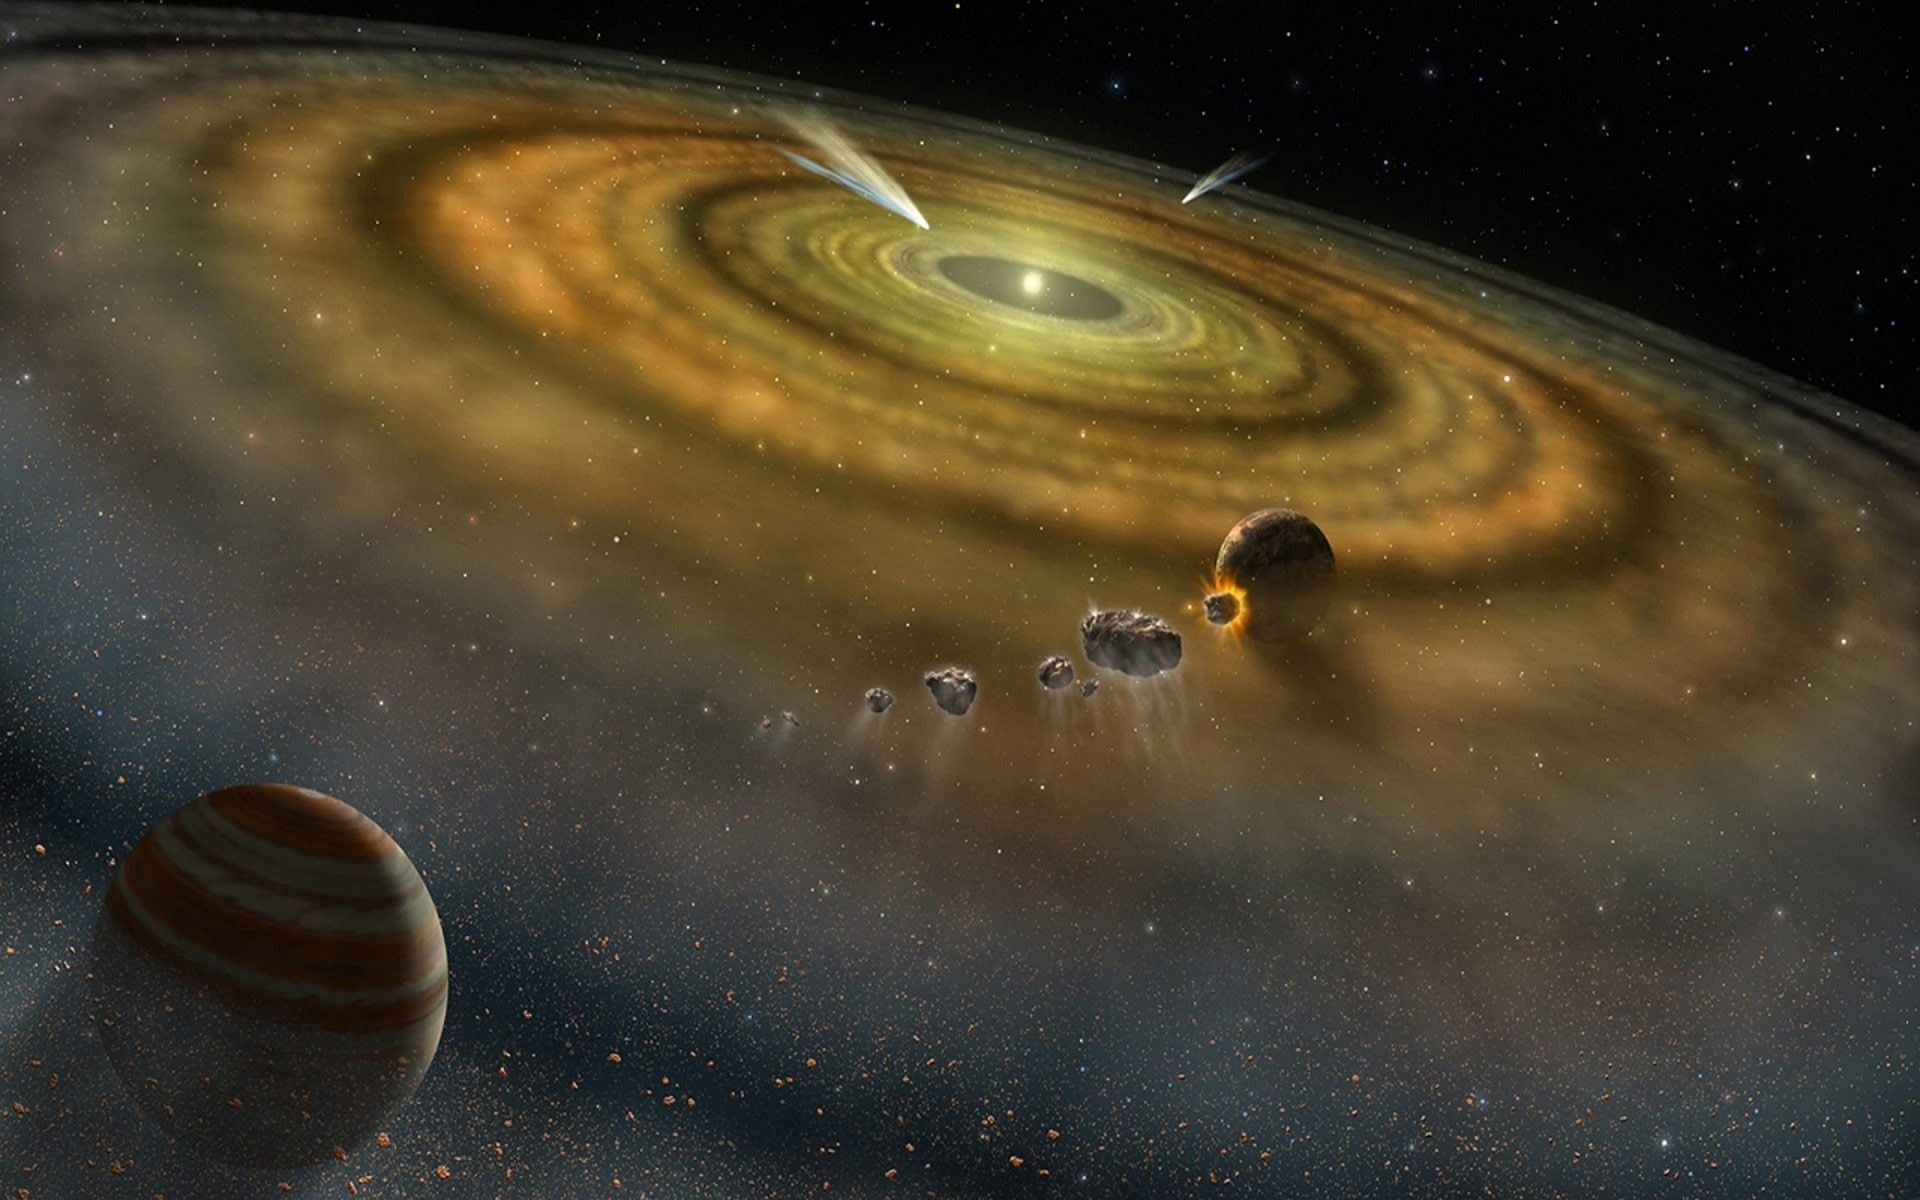 Определено время жизни Солнечного газового диска